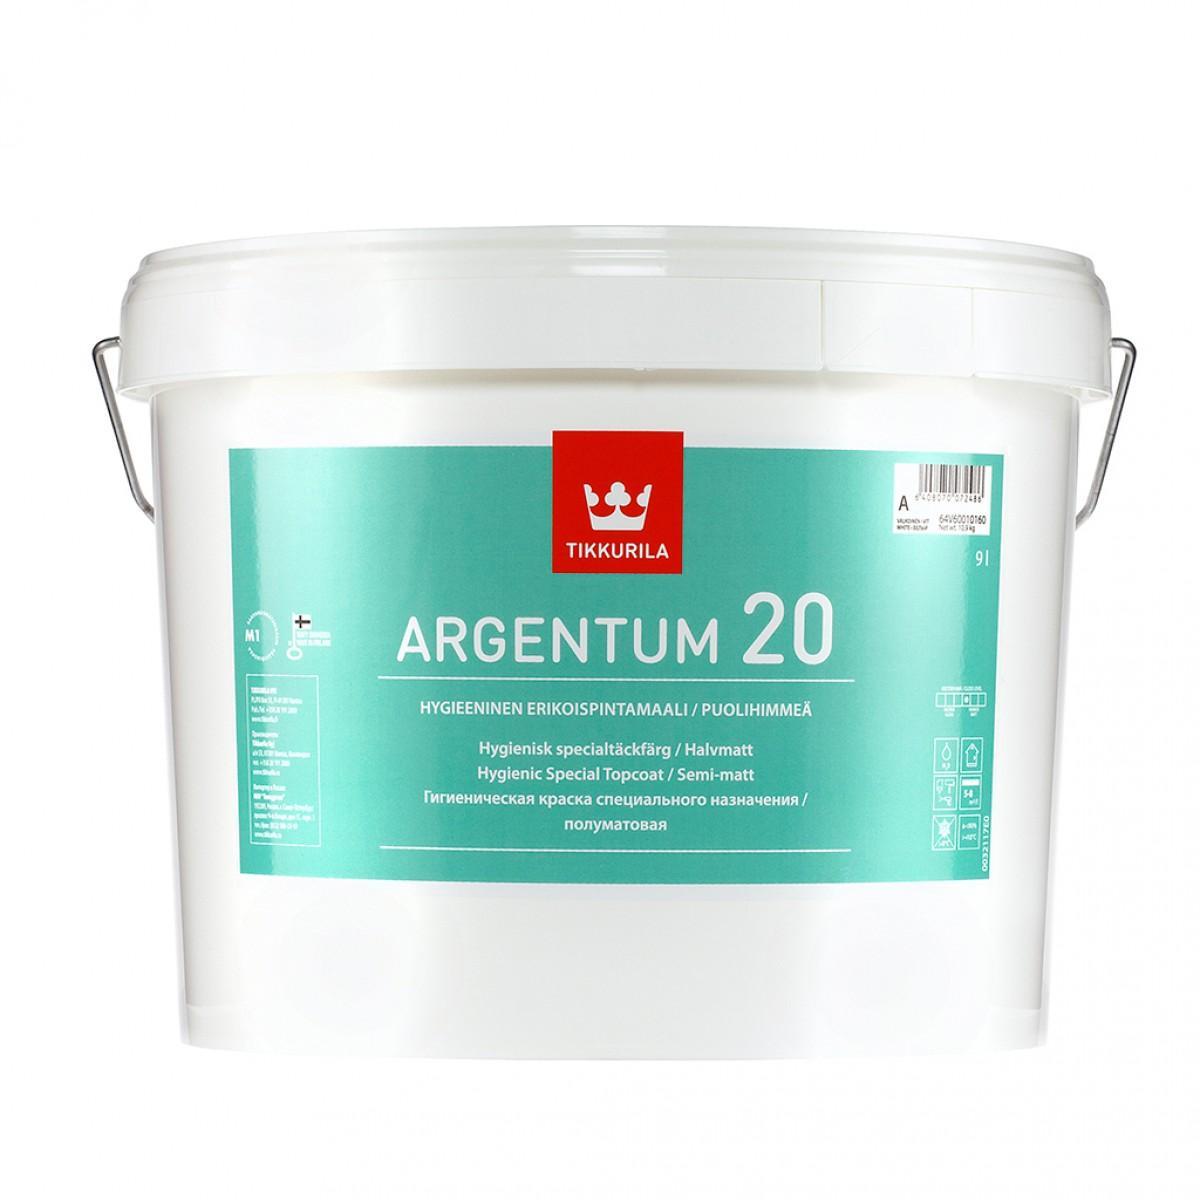 Argentum 20